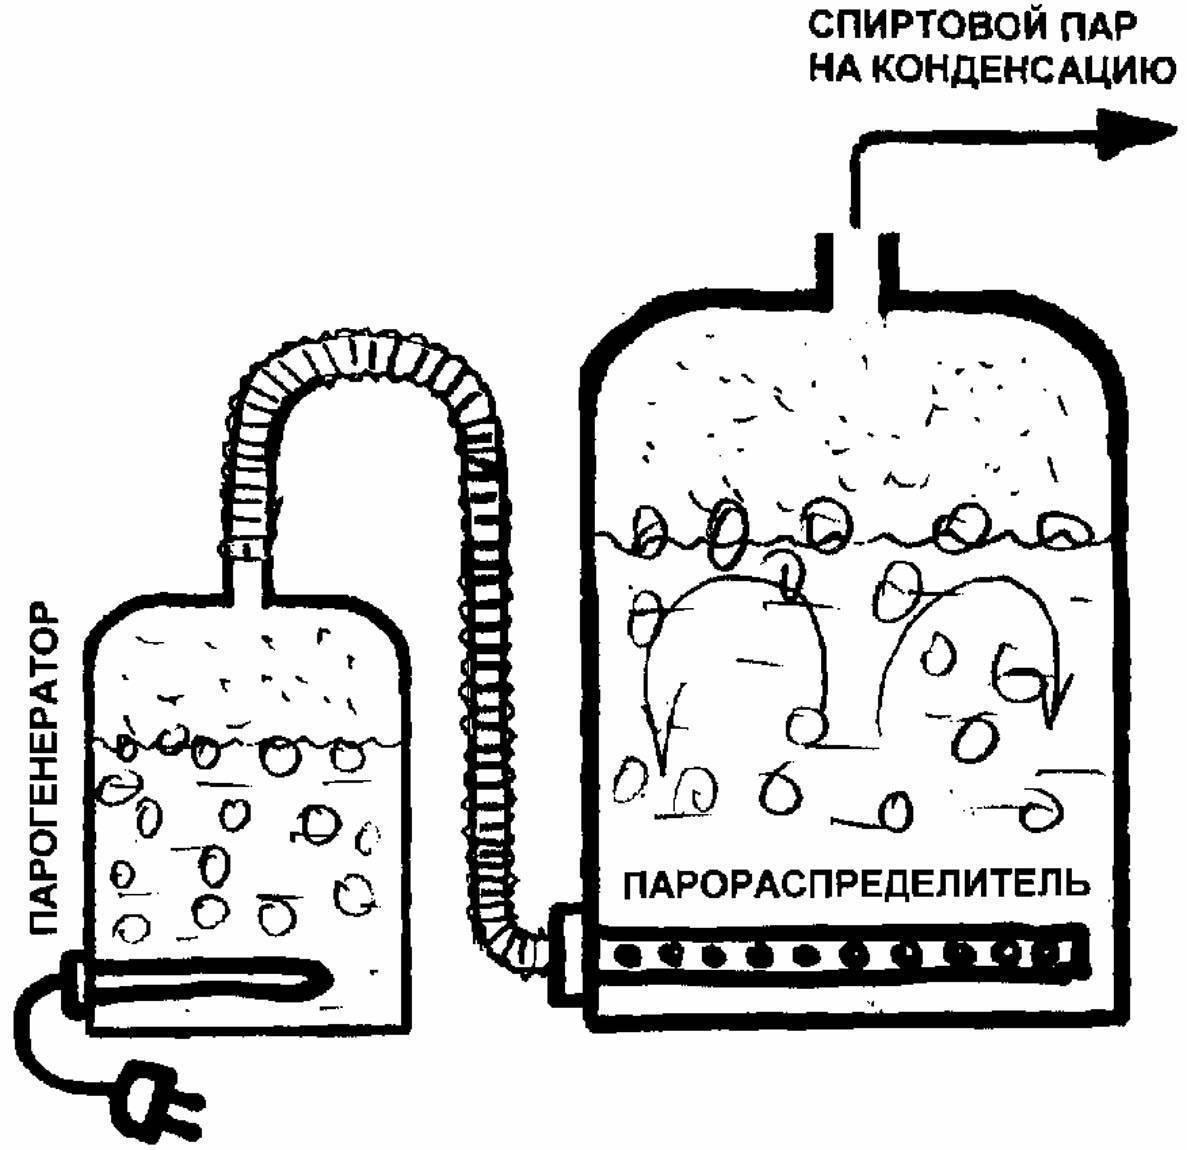 Парогенератор для самогона: описание устройства и принцип работы